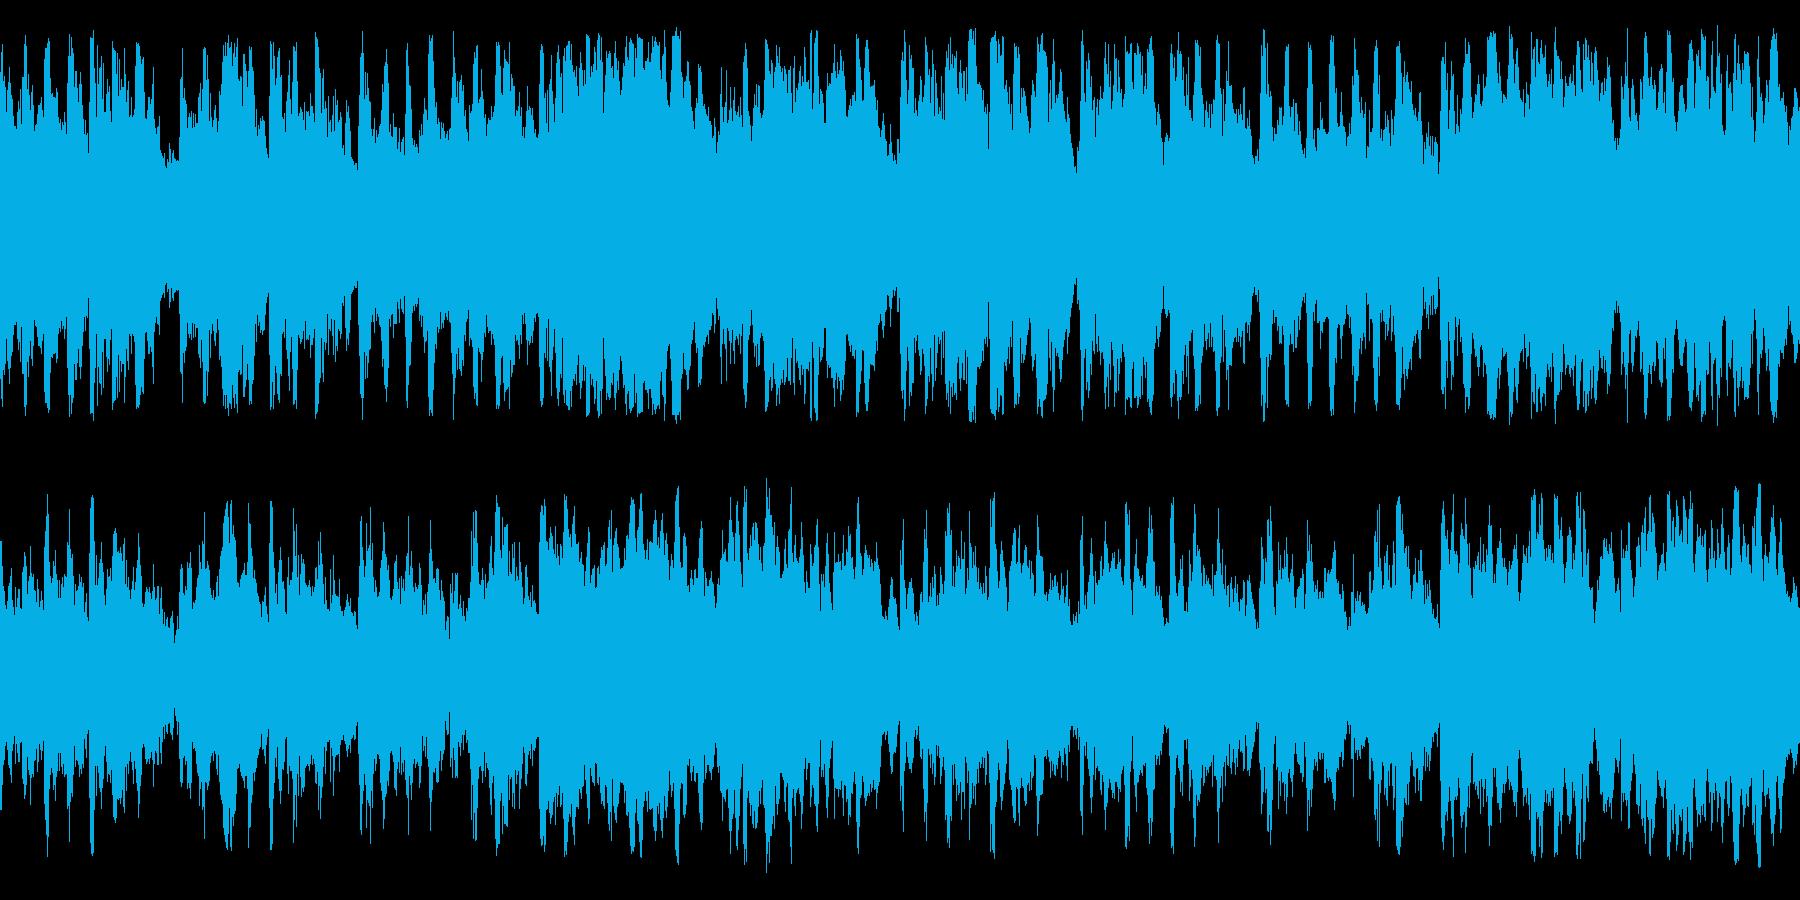 柔らかく軽快でポップな瞑想サウンドの再生済みの波形